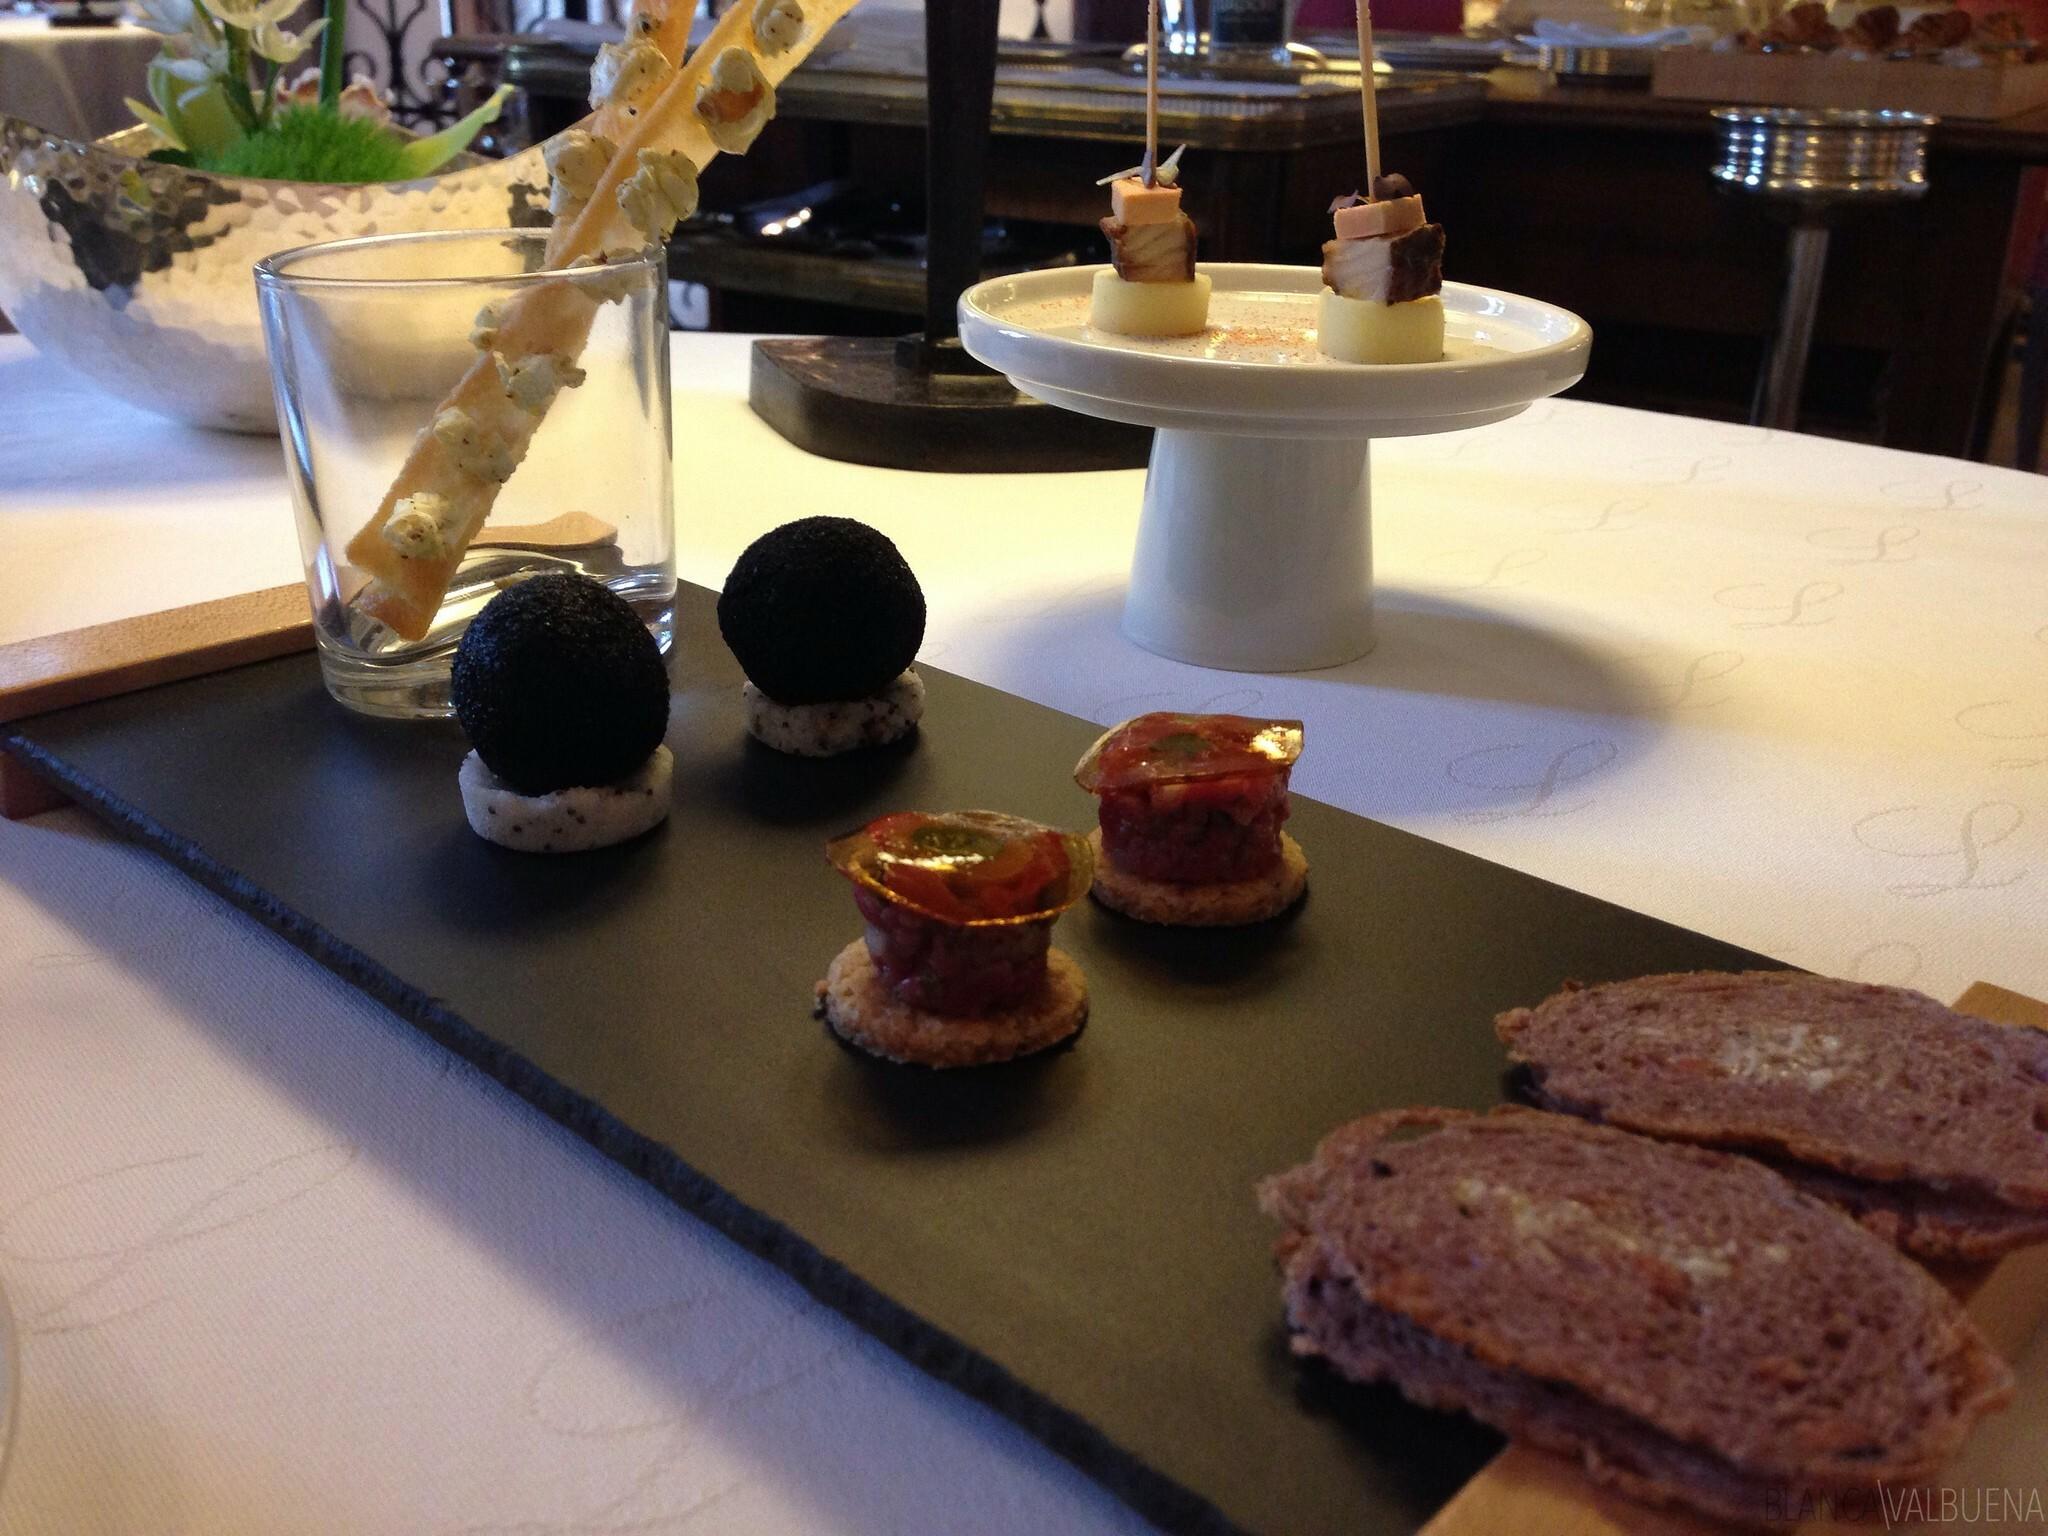 Maison Lameloise serves great appetizers